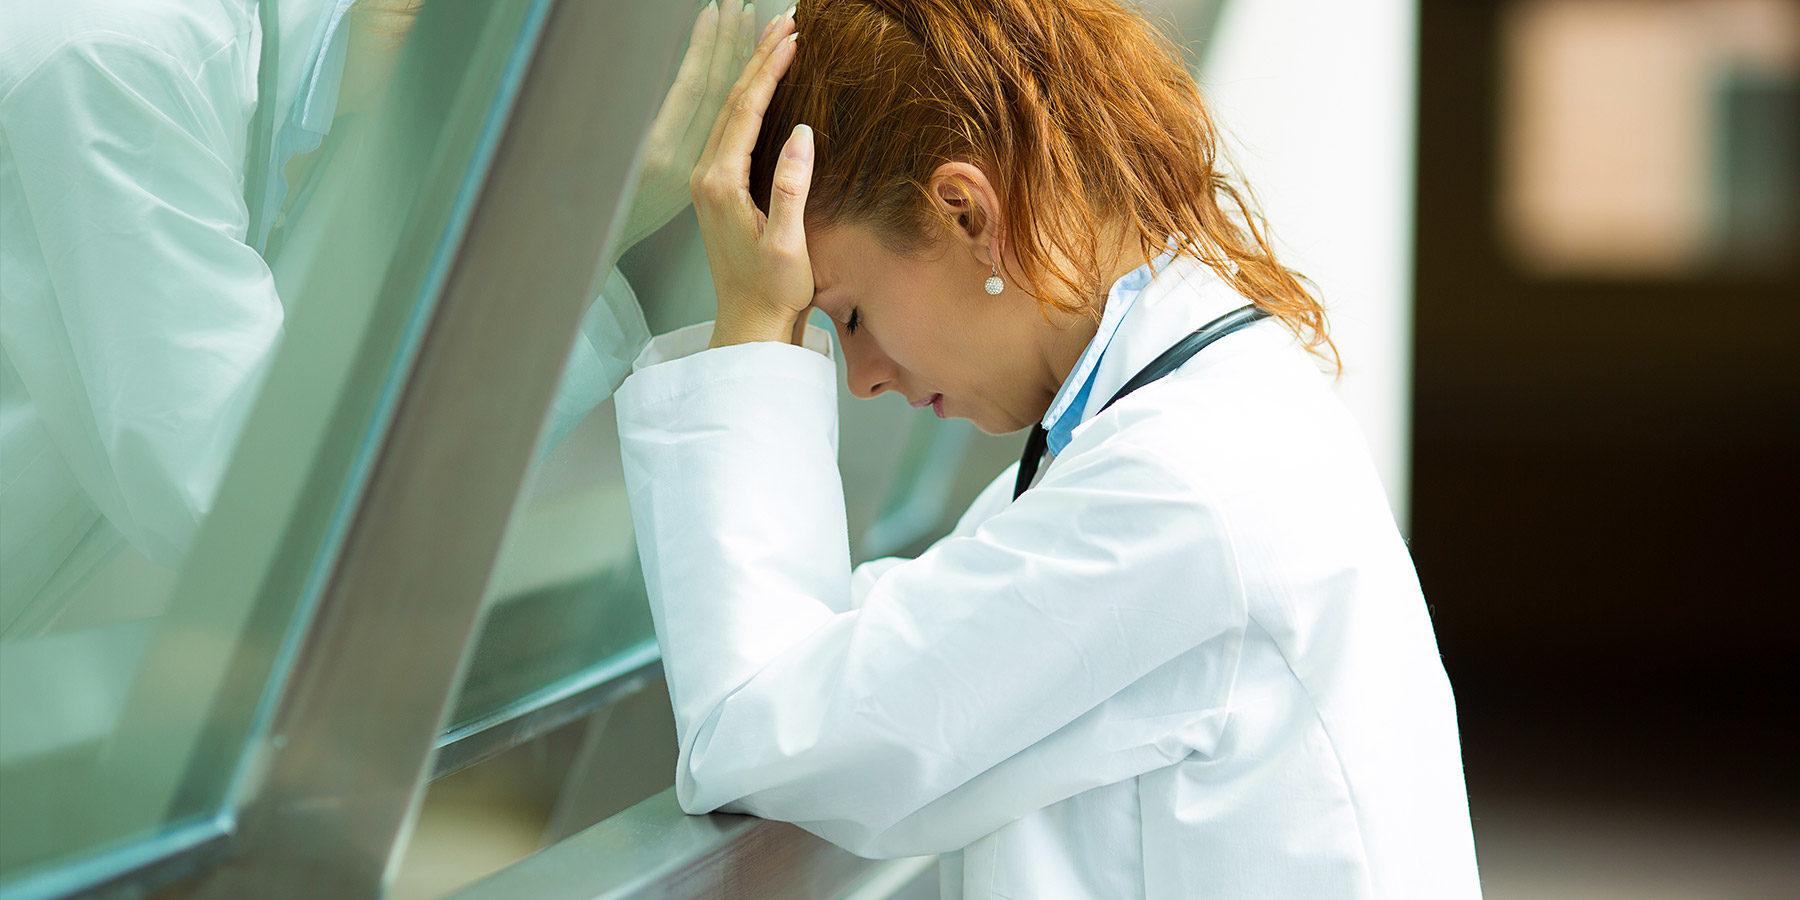 ból-głowy-w-pracy-fizjoterapia